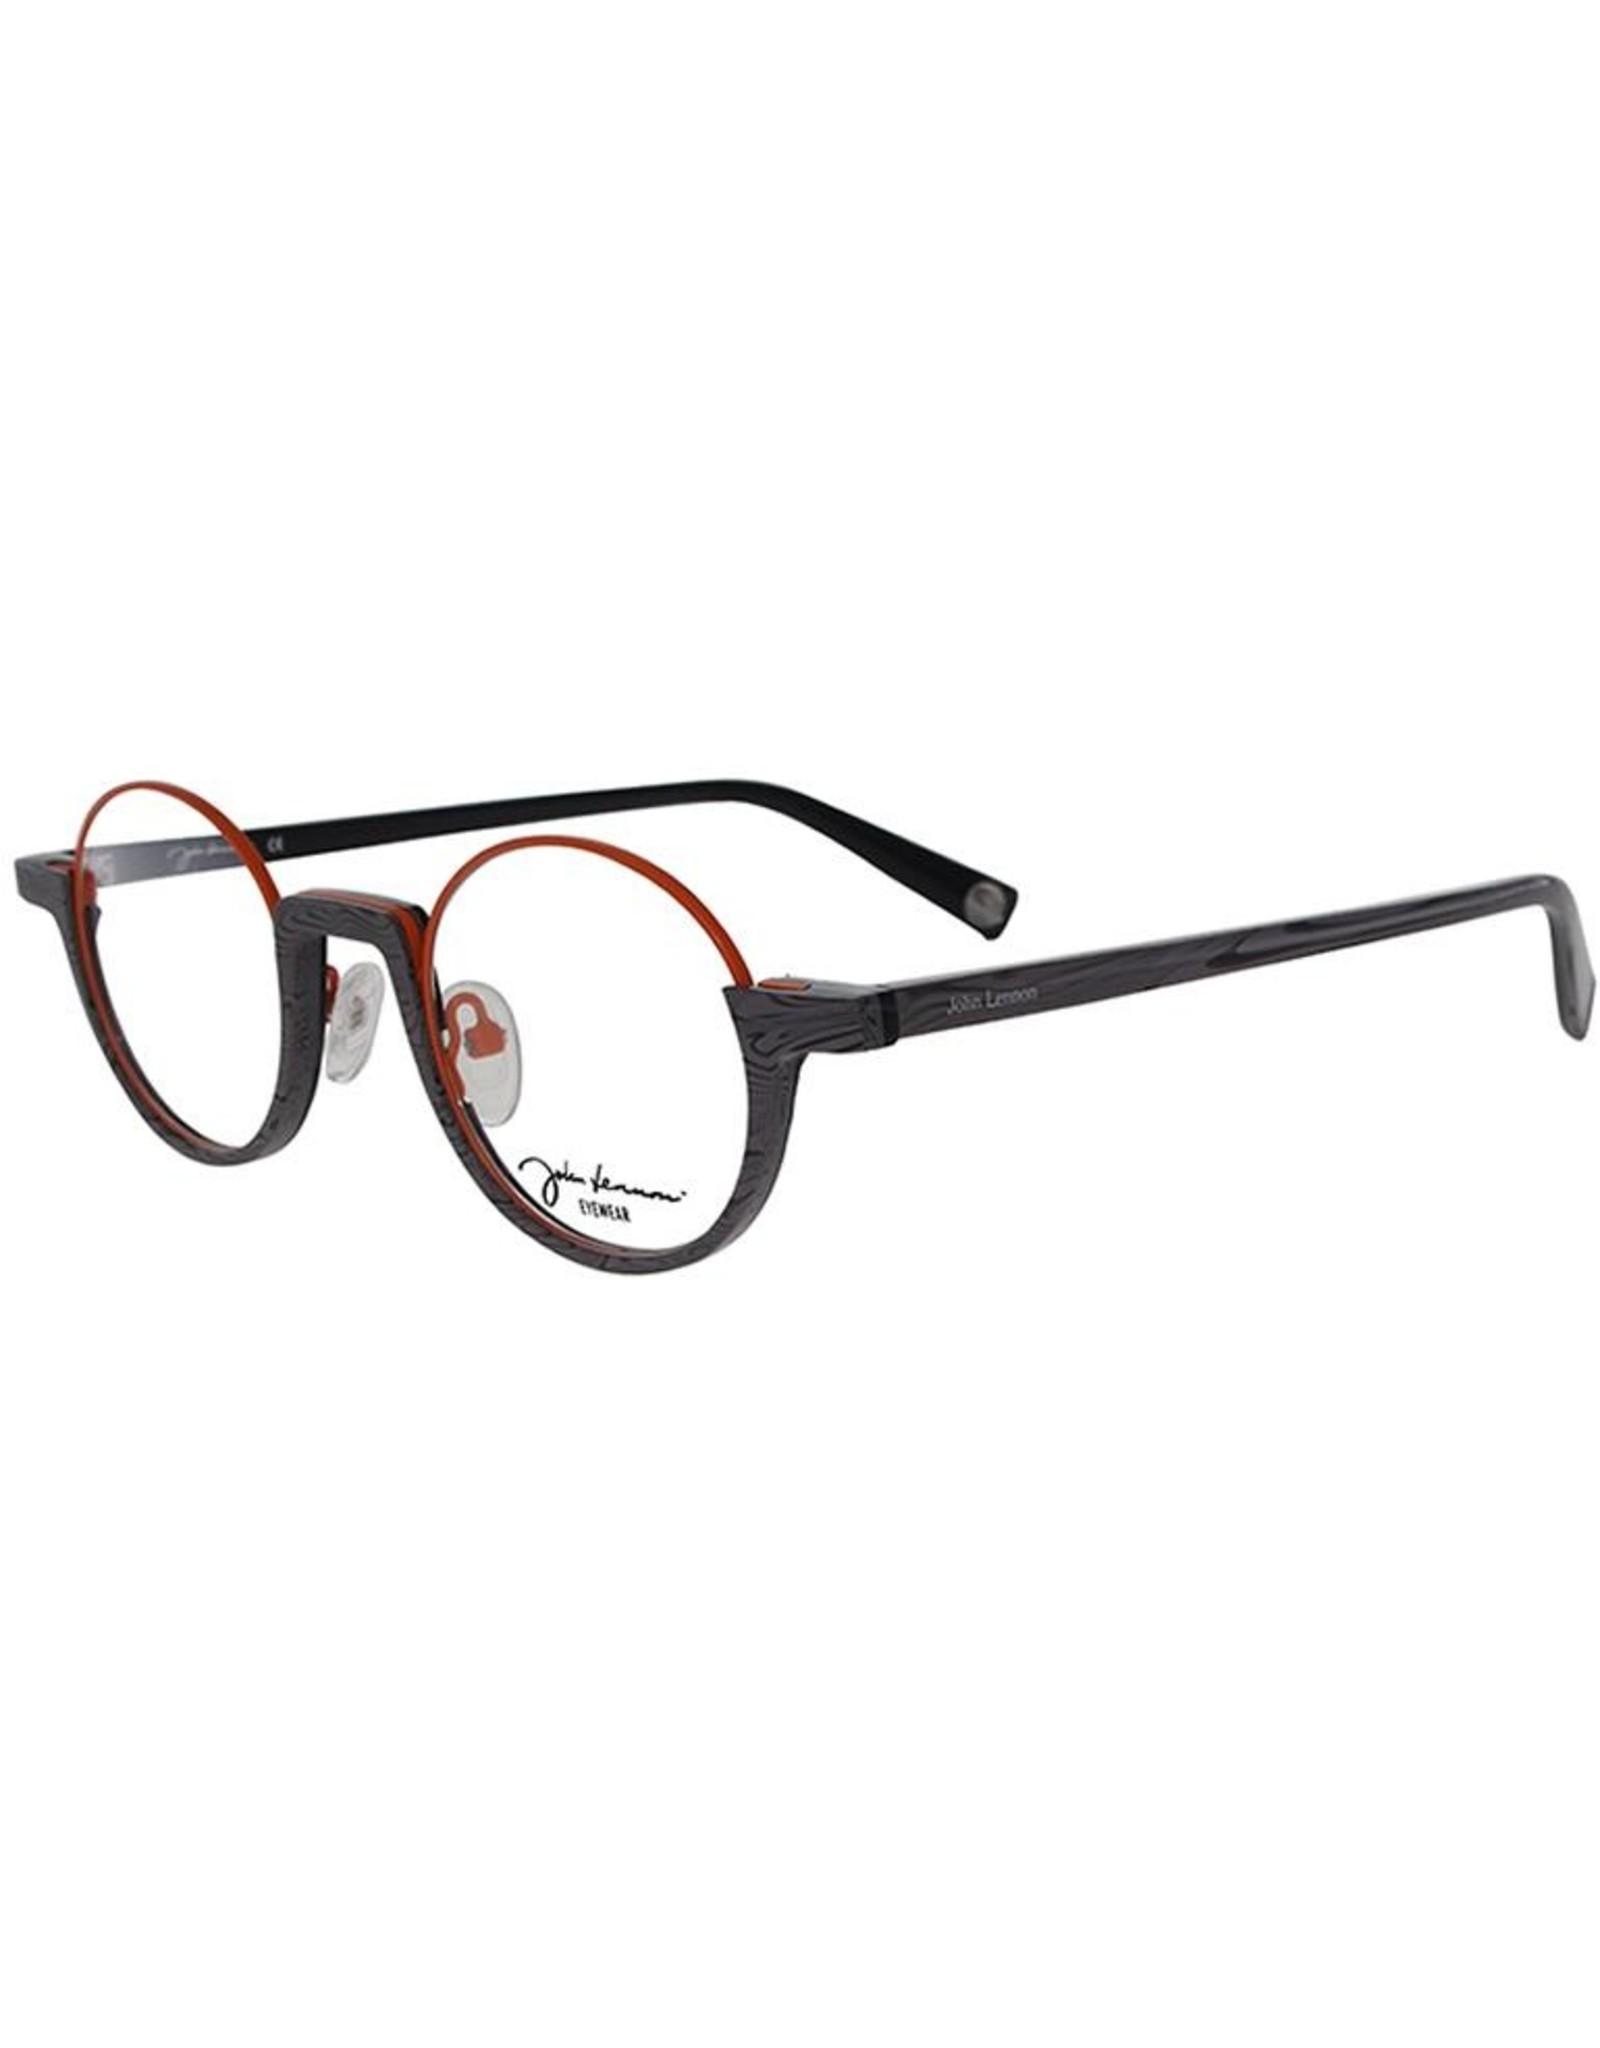 john lennon eyewear Jo176 Lo